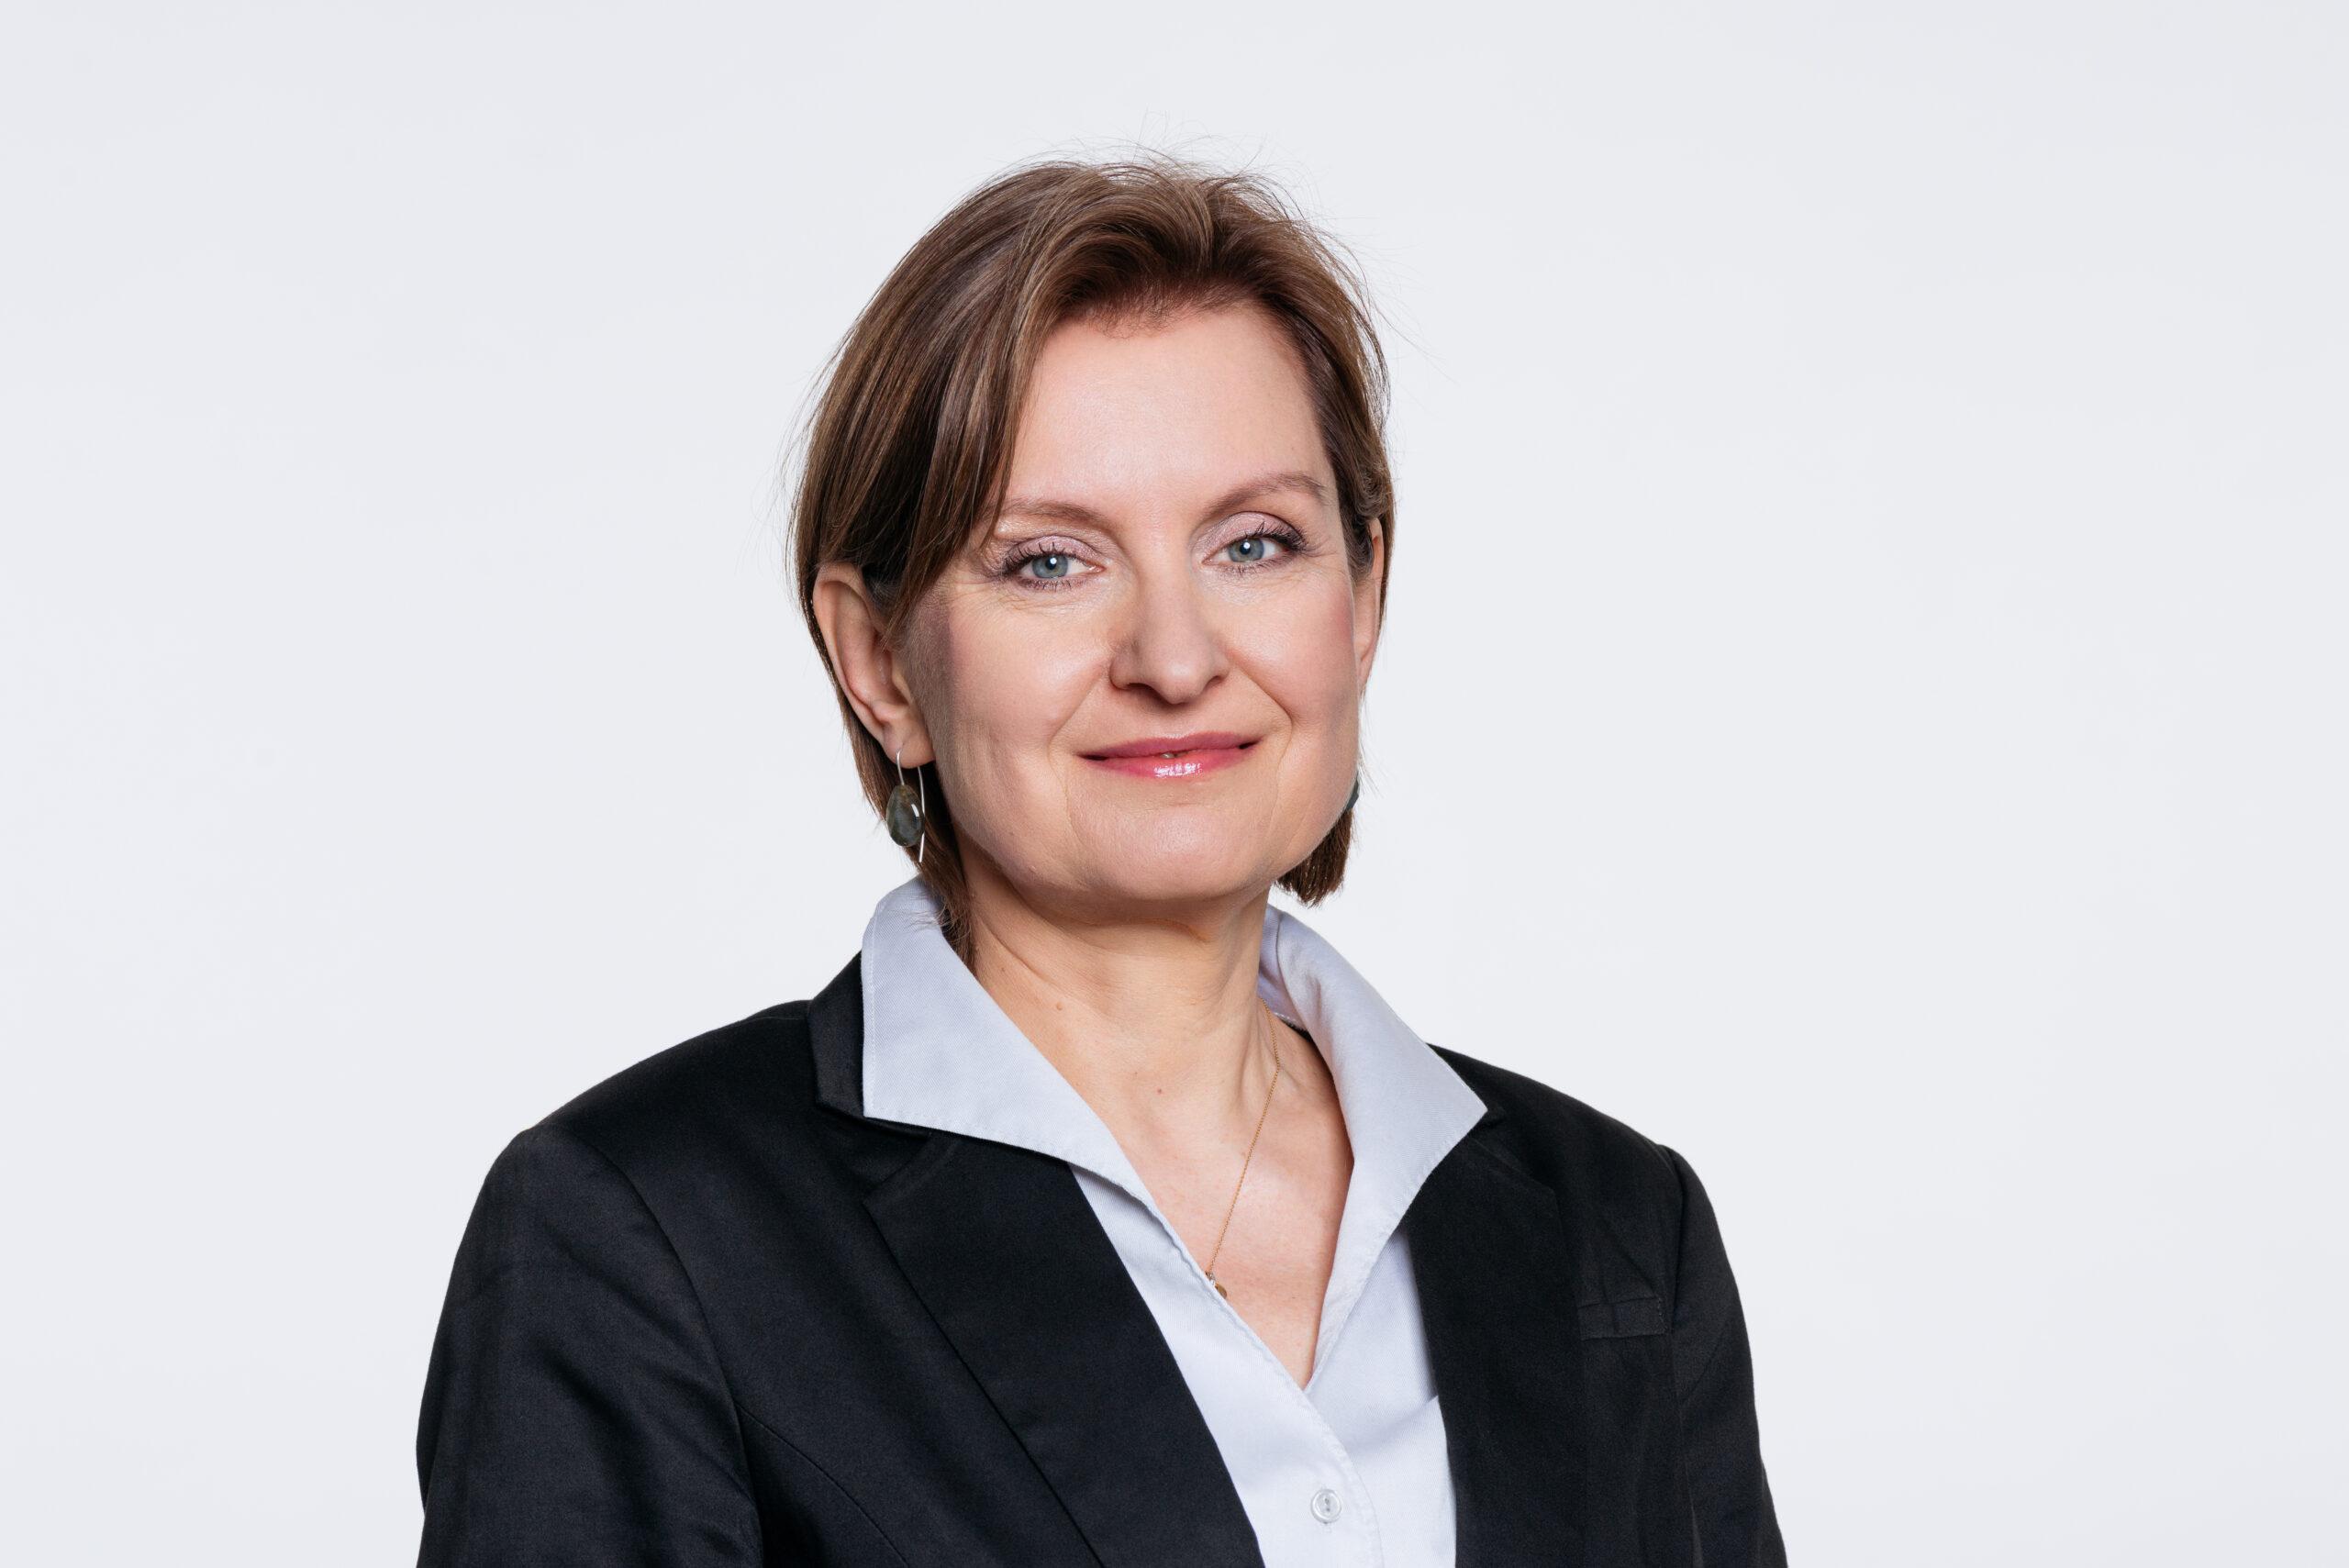 Anna Künstle